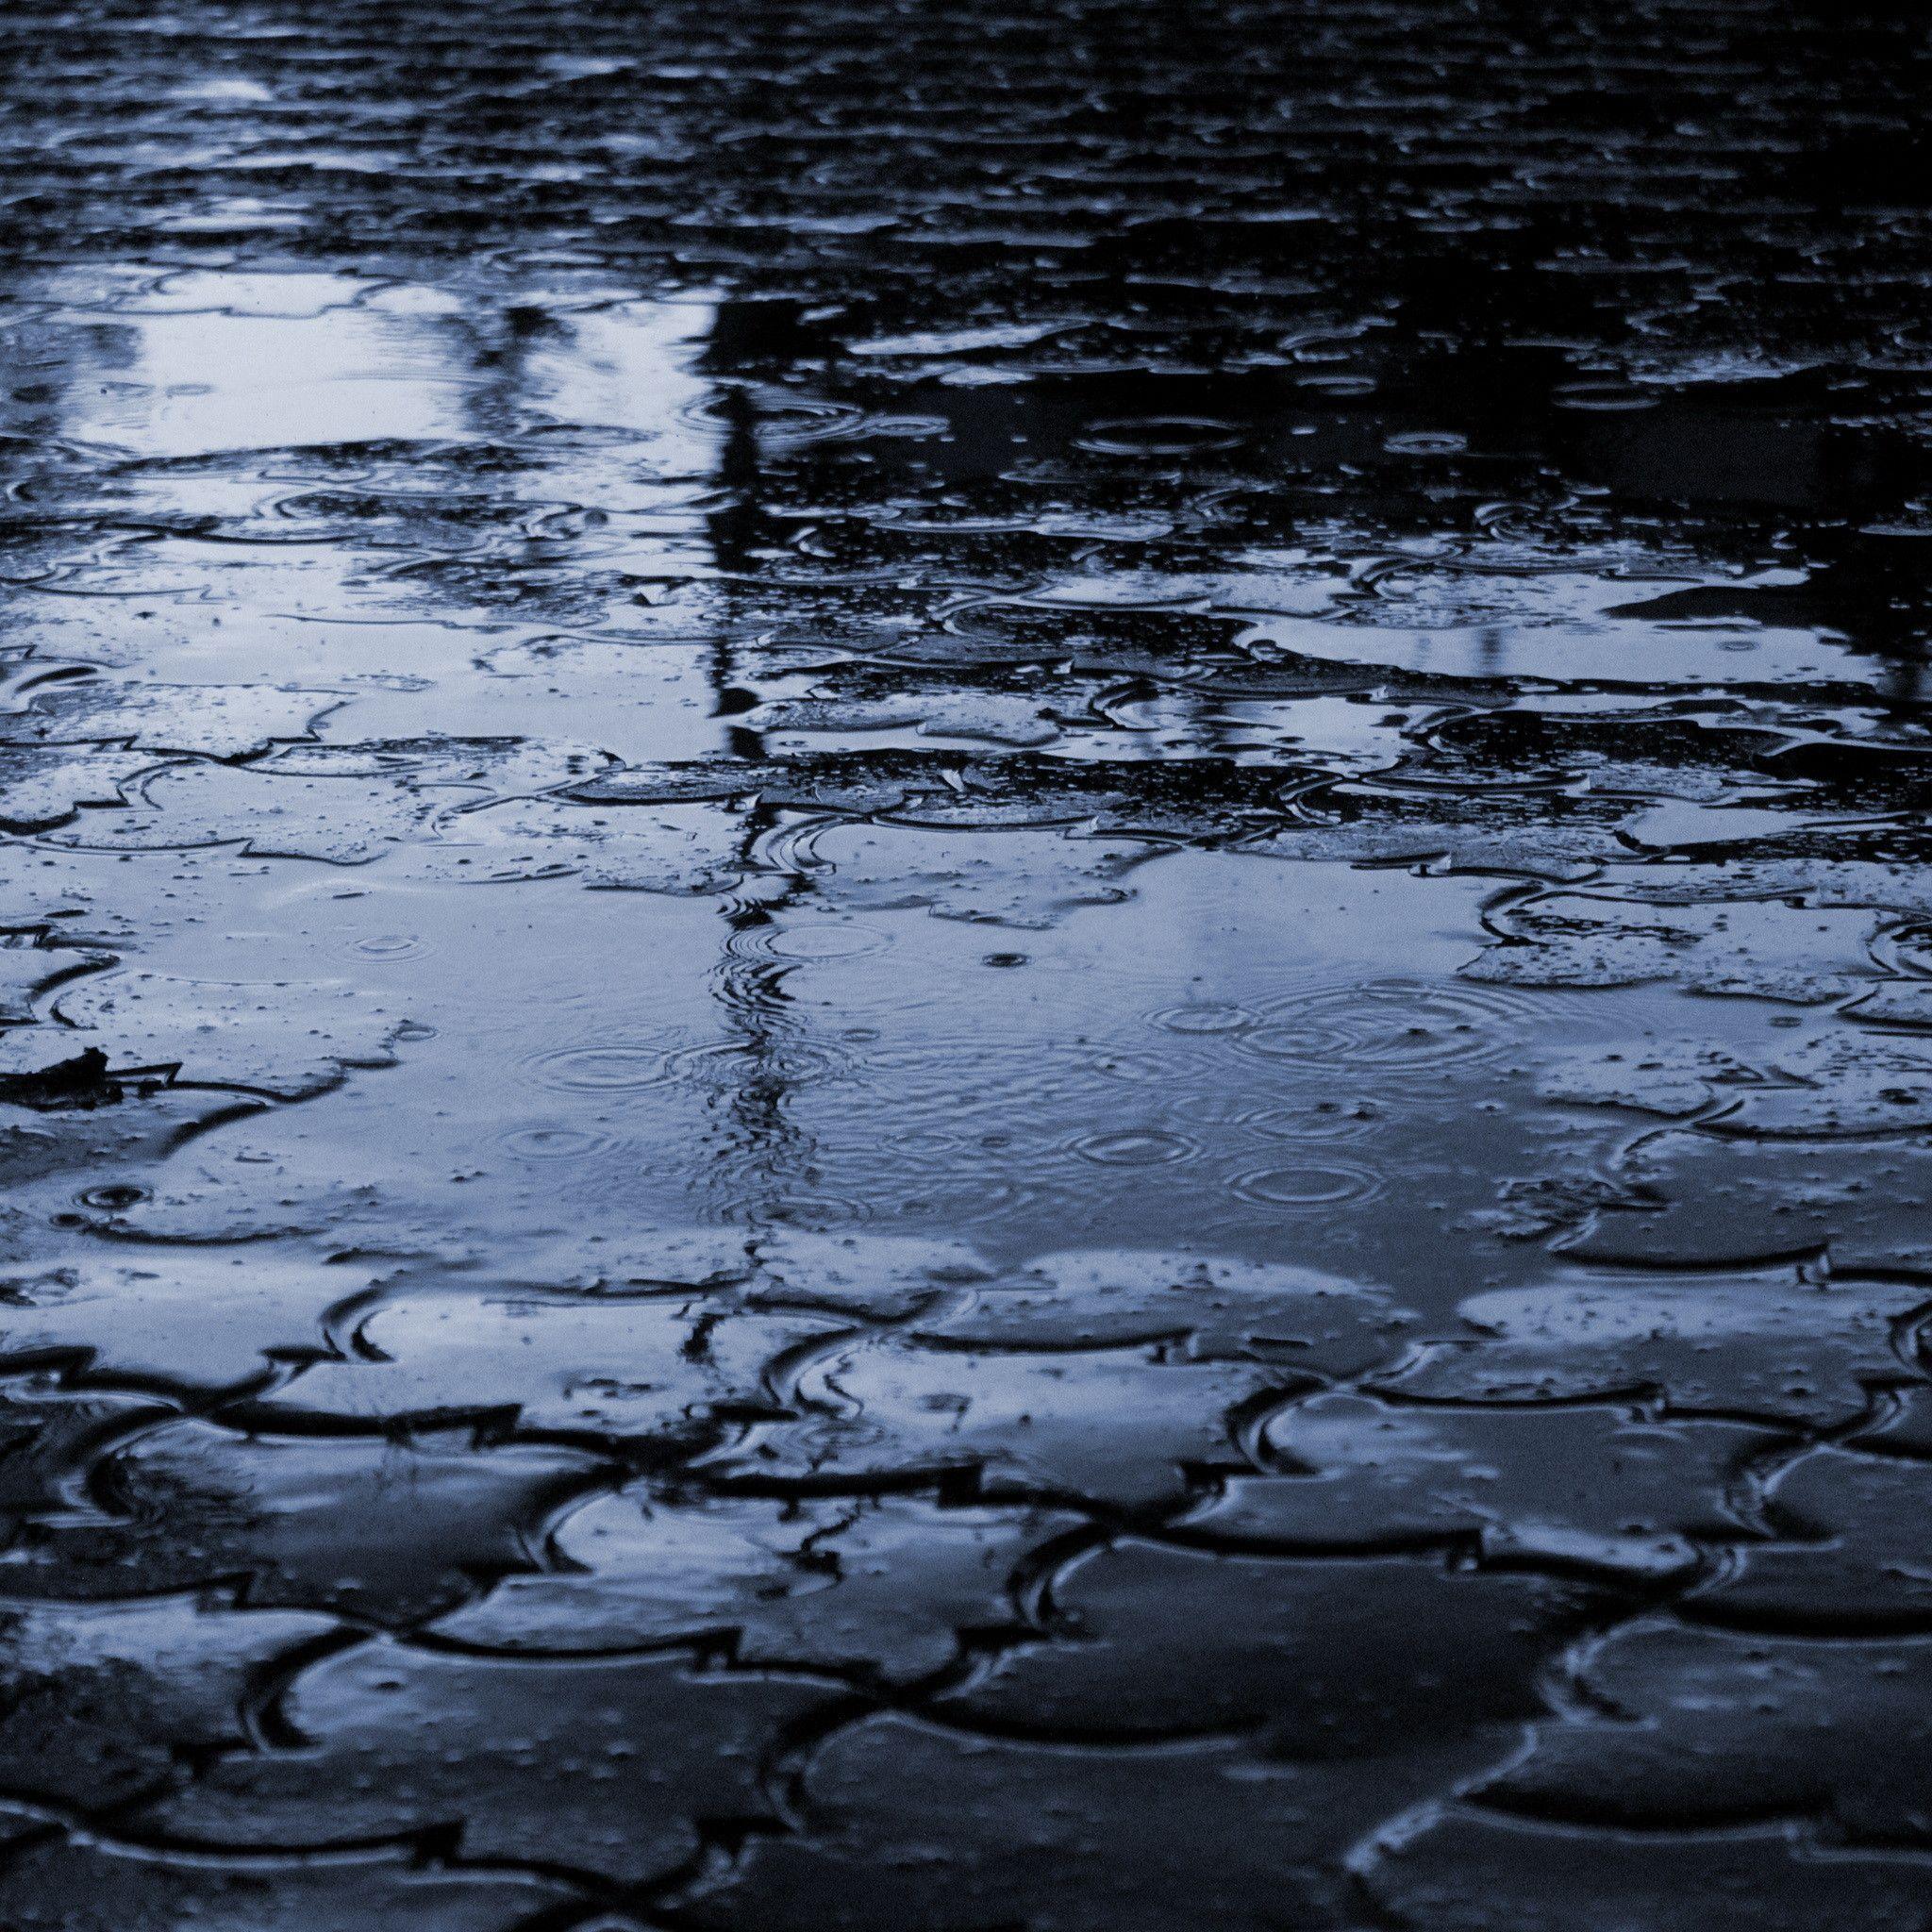 おしゃれなiPad壁紙「雨の歩道」